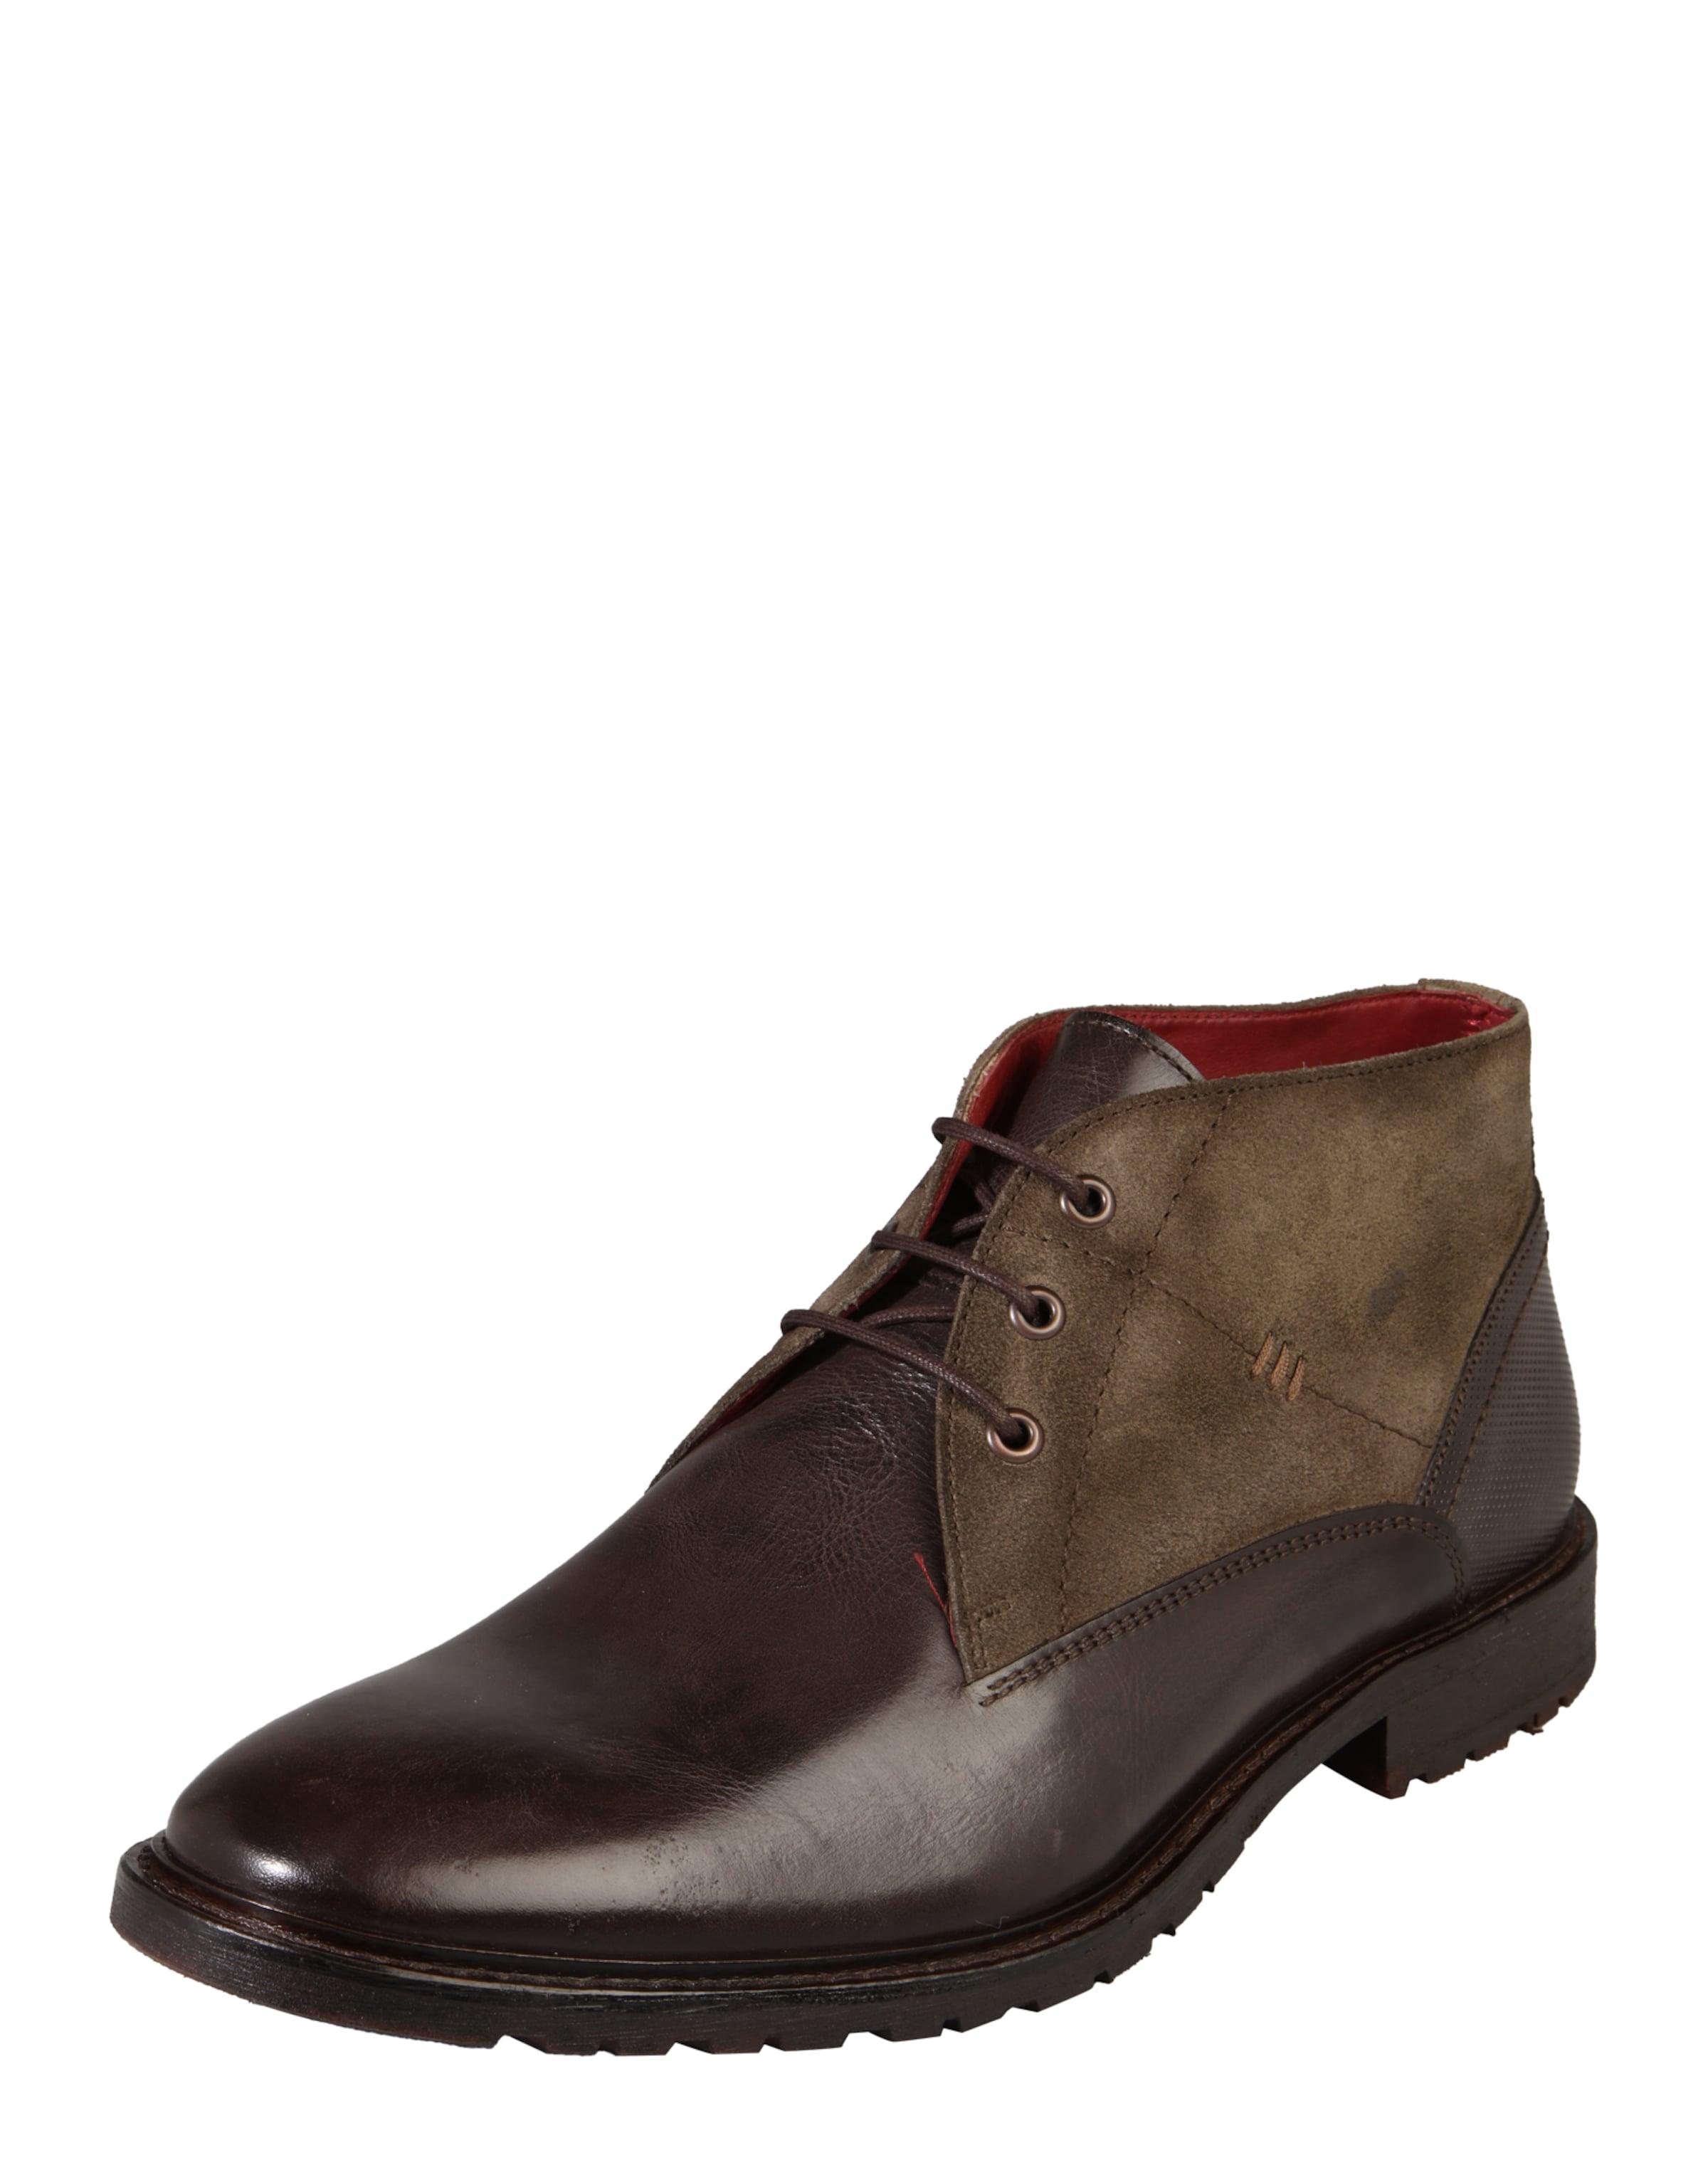 LLOYD Stiefelette Severin Verschleißfeste billige Schuhe